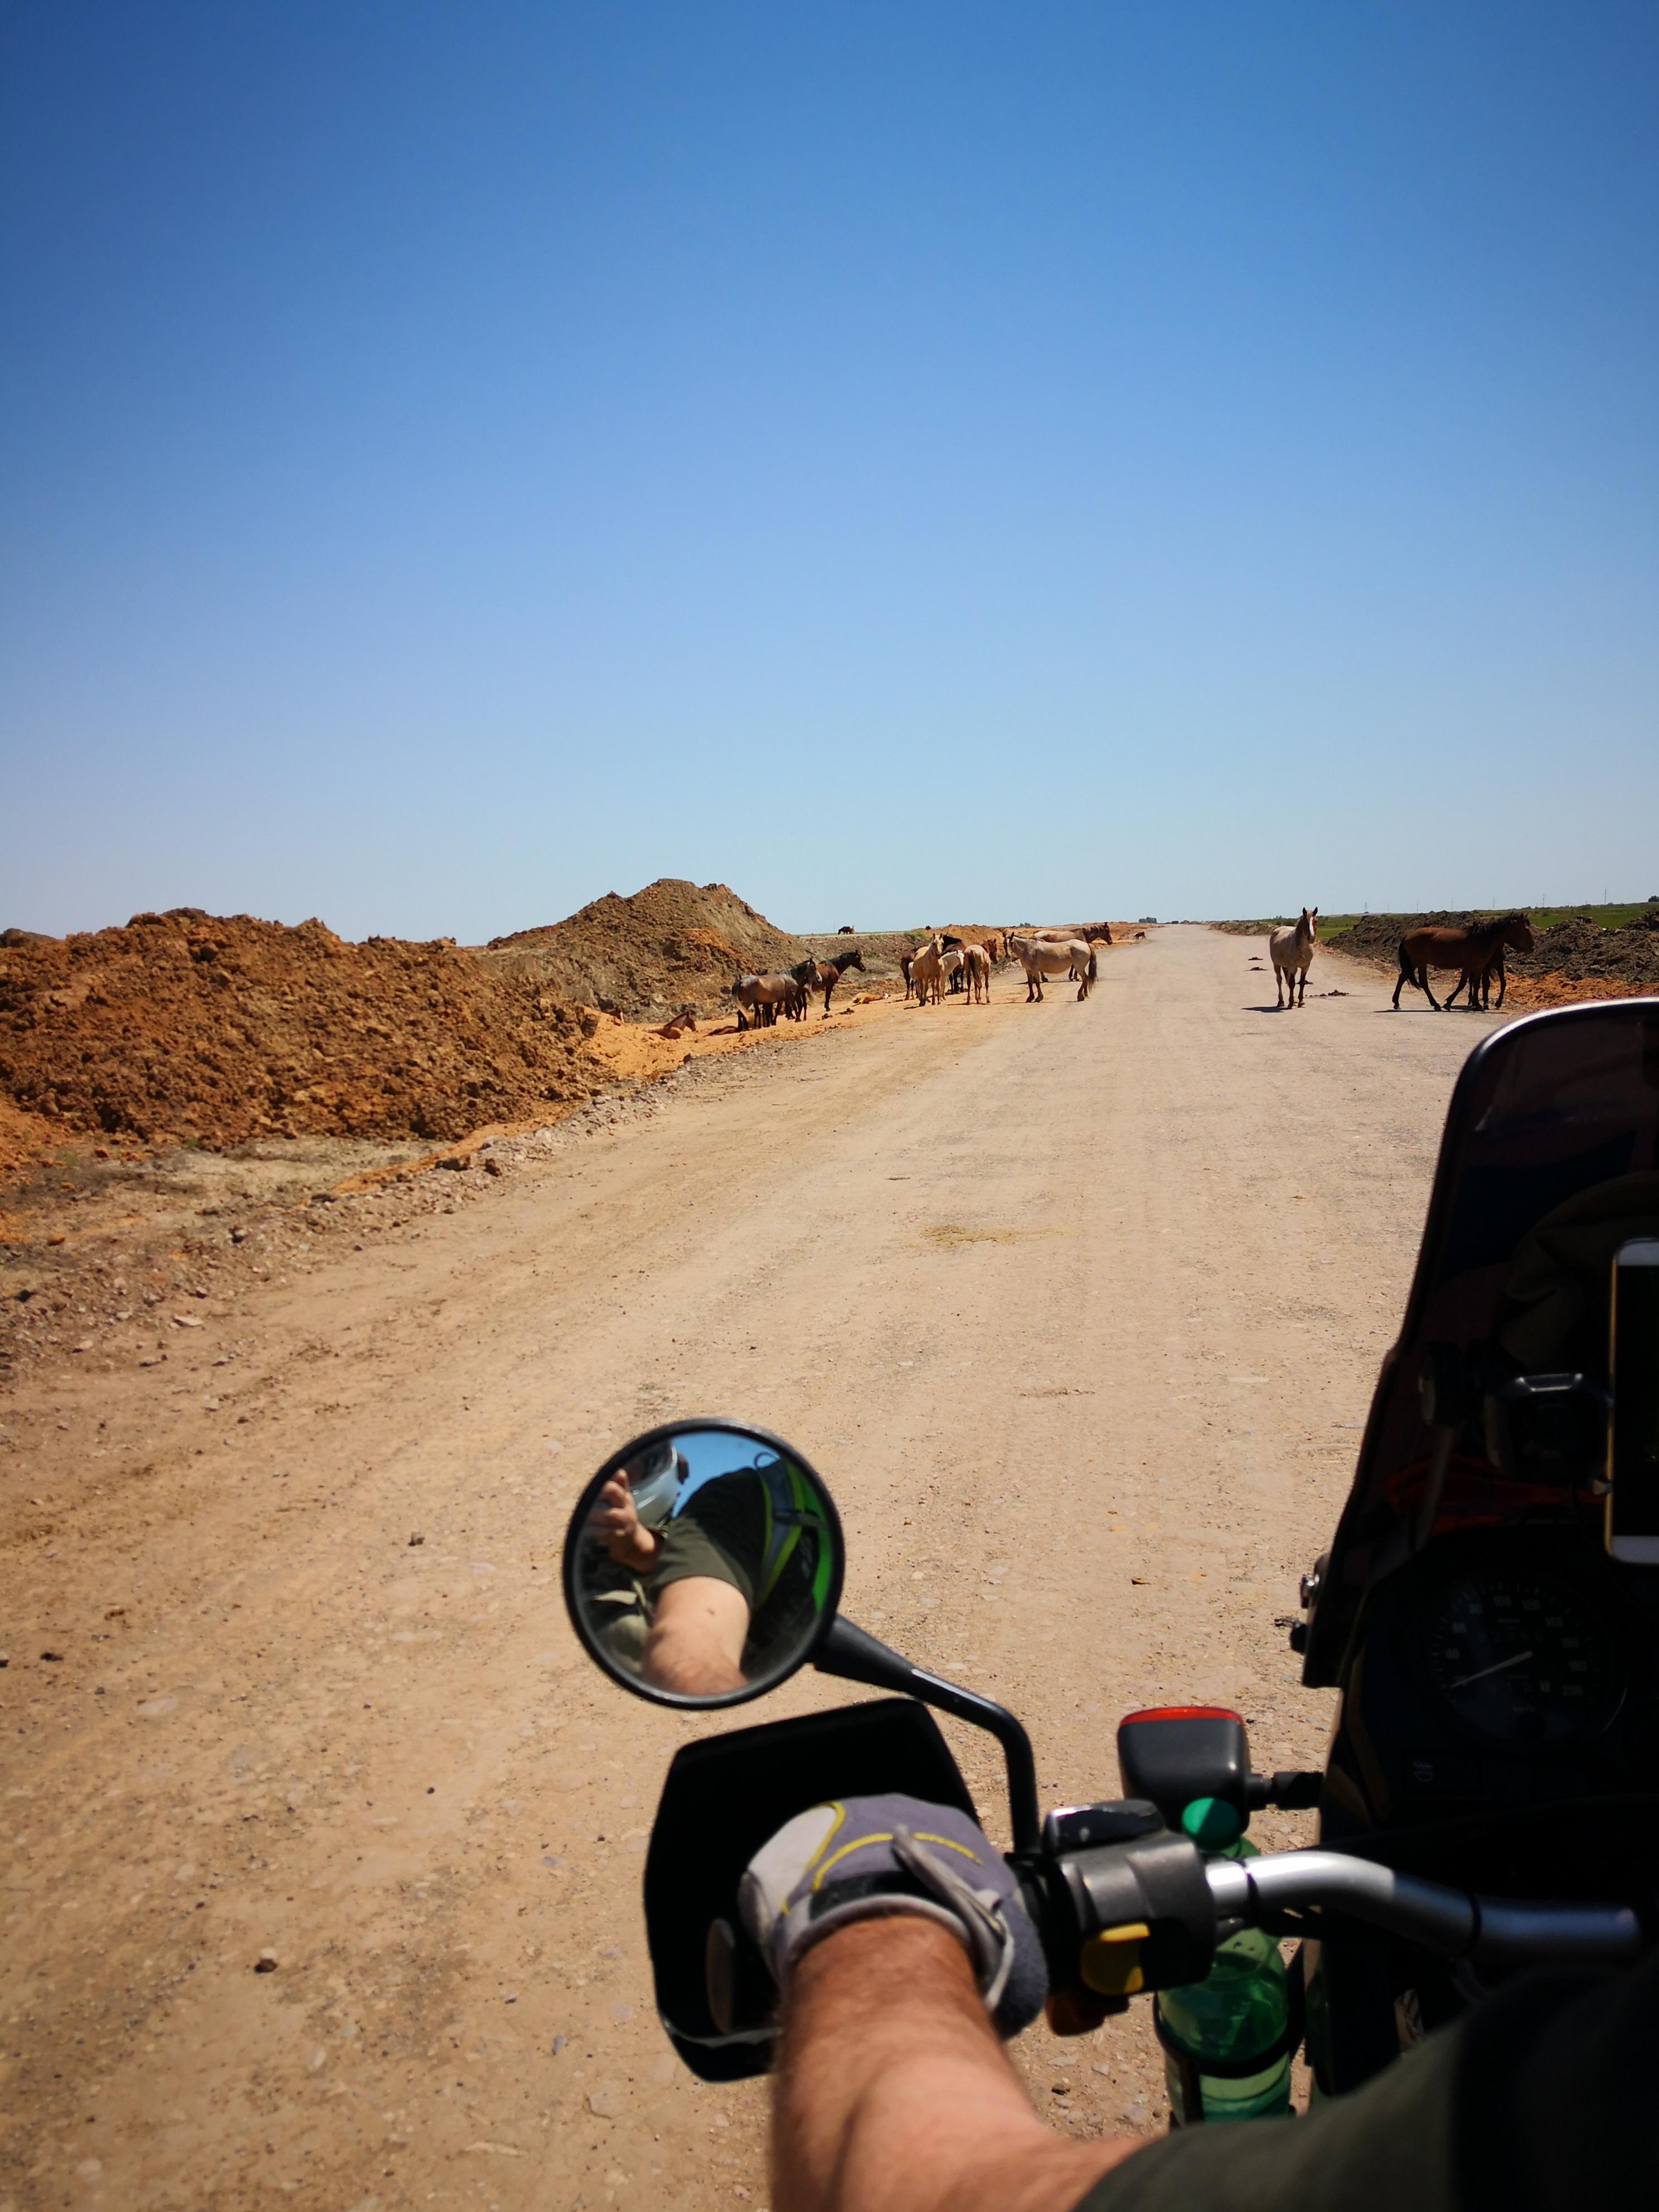 strada di terra verso Athiraujpg